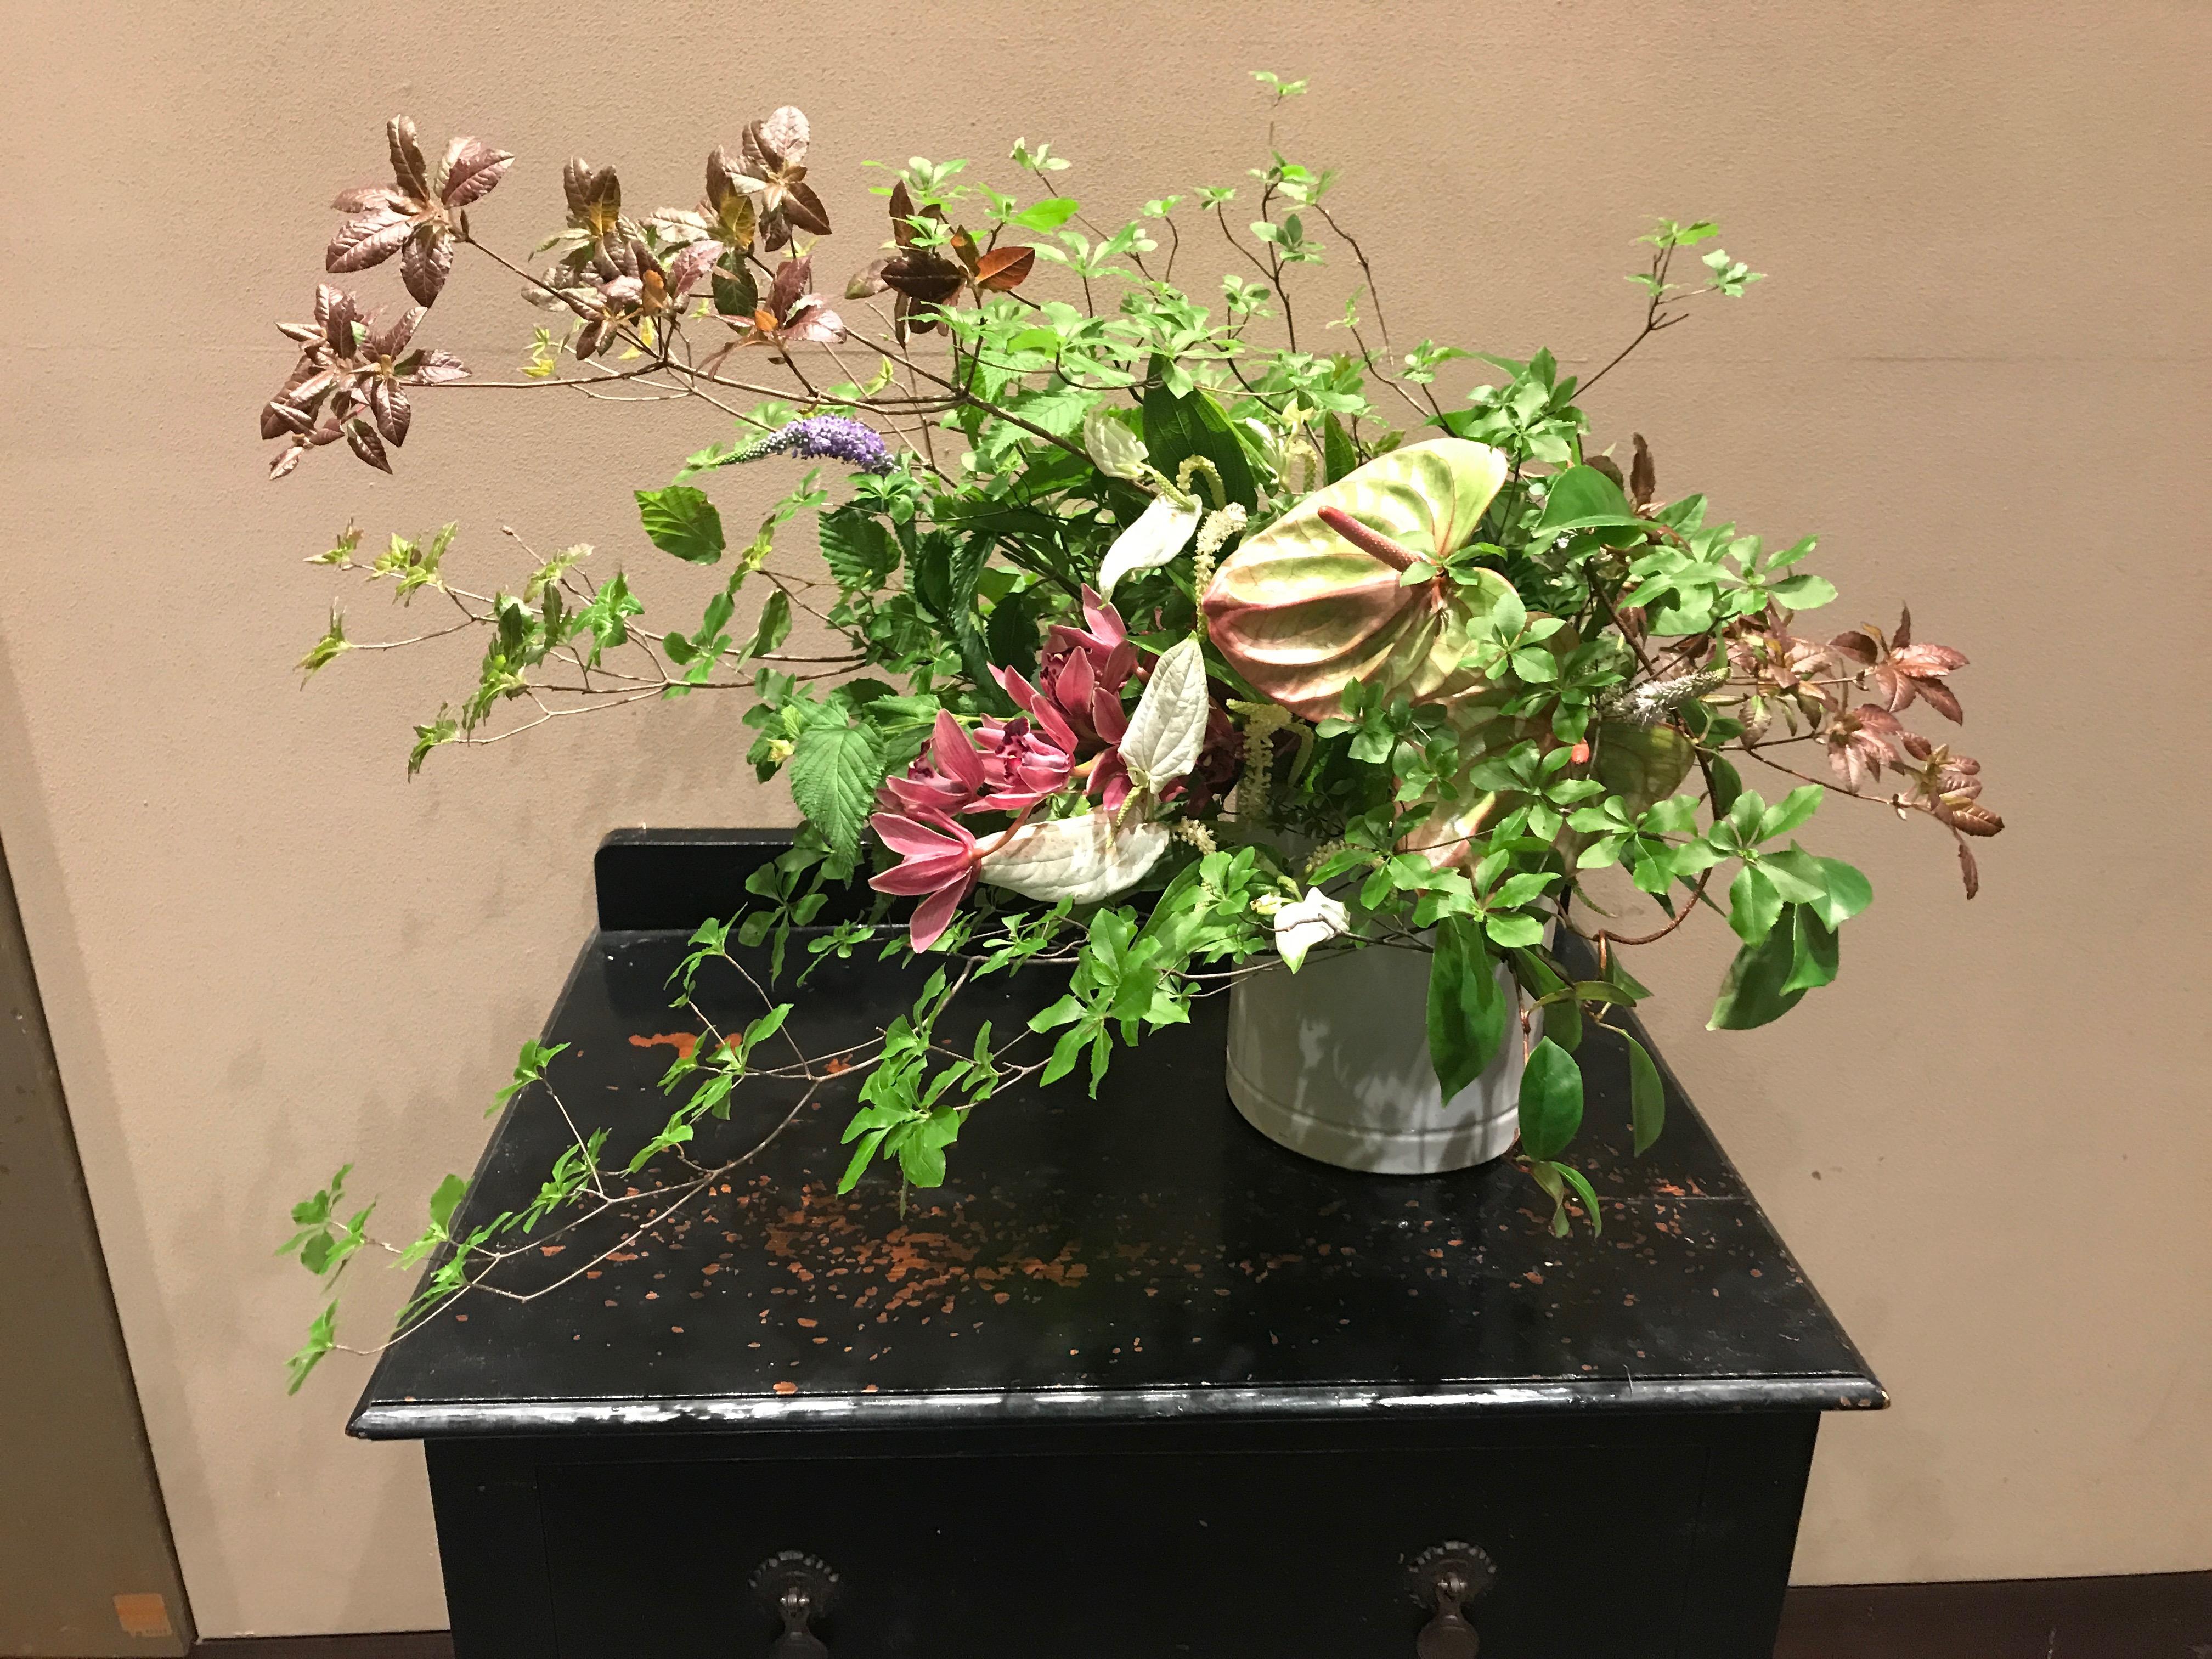 2017/6/18、聖日礼拝のお花